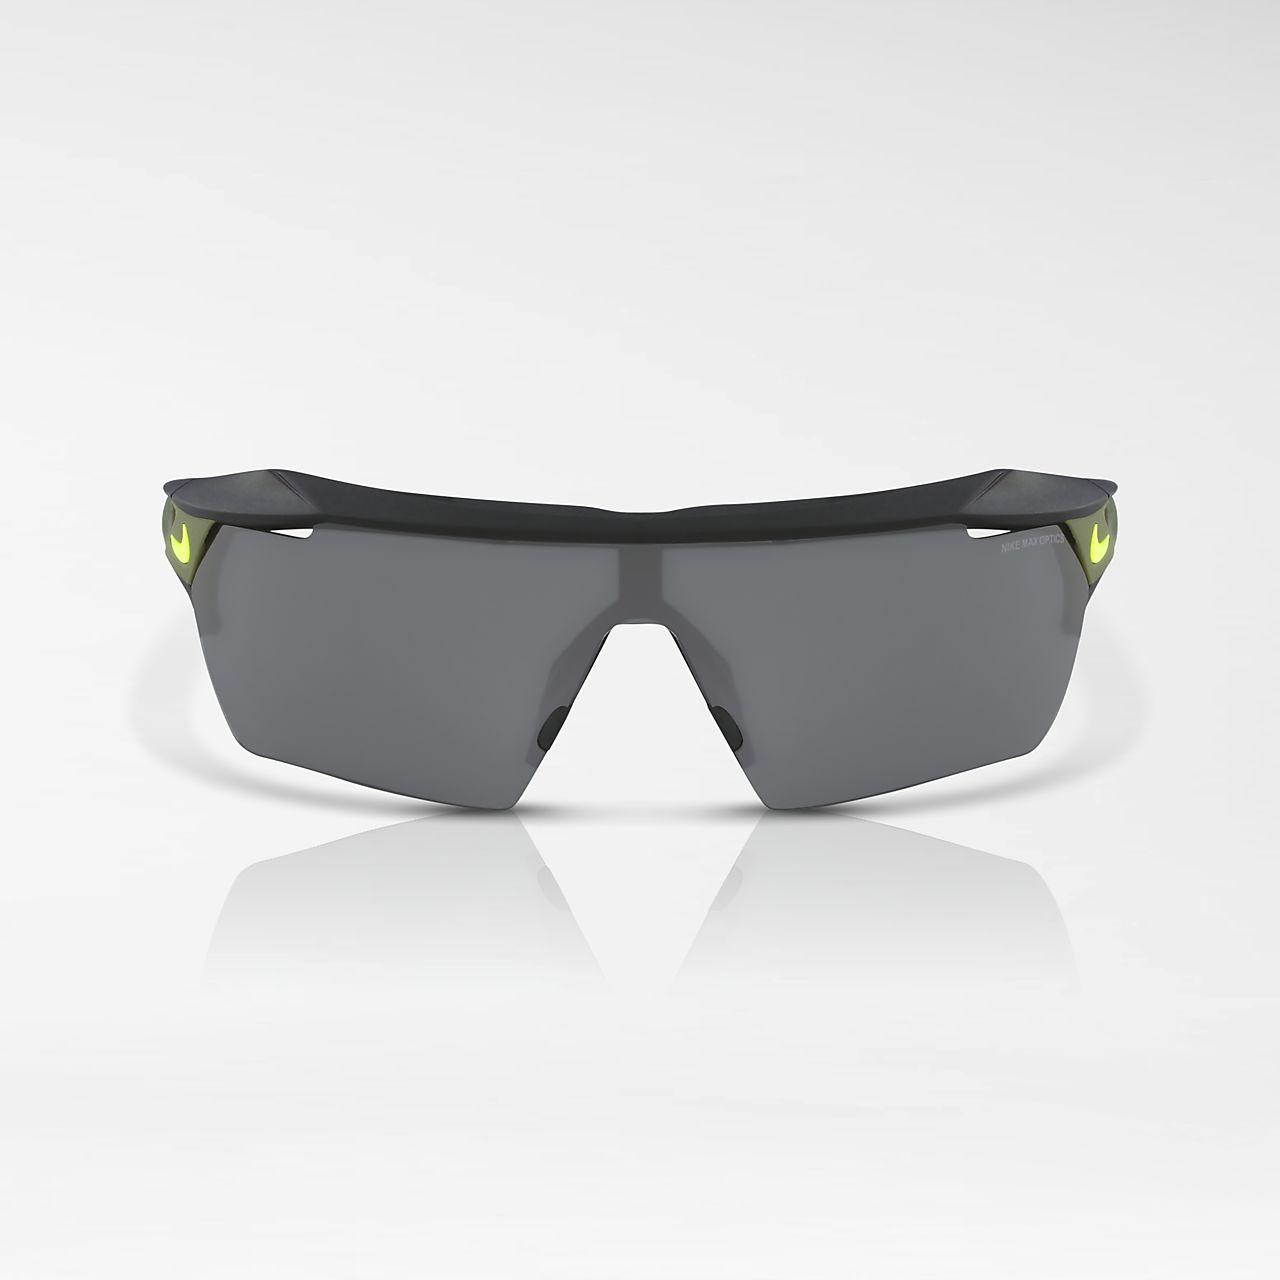 c0e5e56701 Low Resolution Γυαλιά ηλίου Nike Hyperforce Elite Γυαλιά ηλίου Nike  Hyperforce Elite